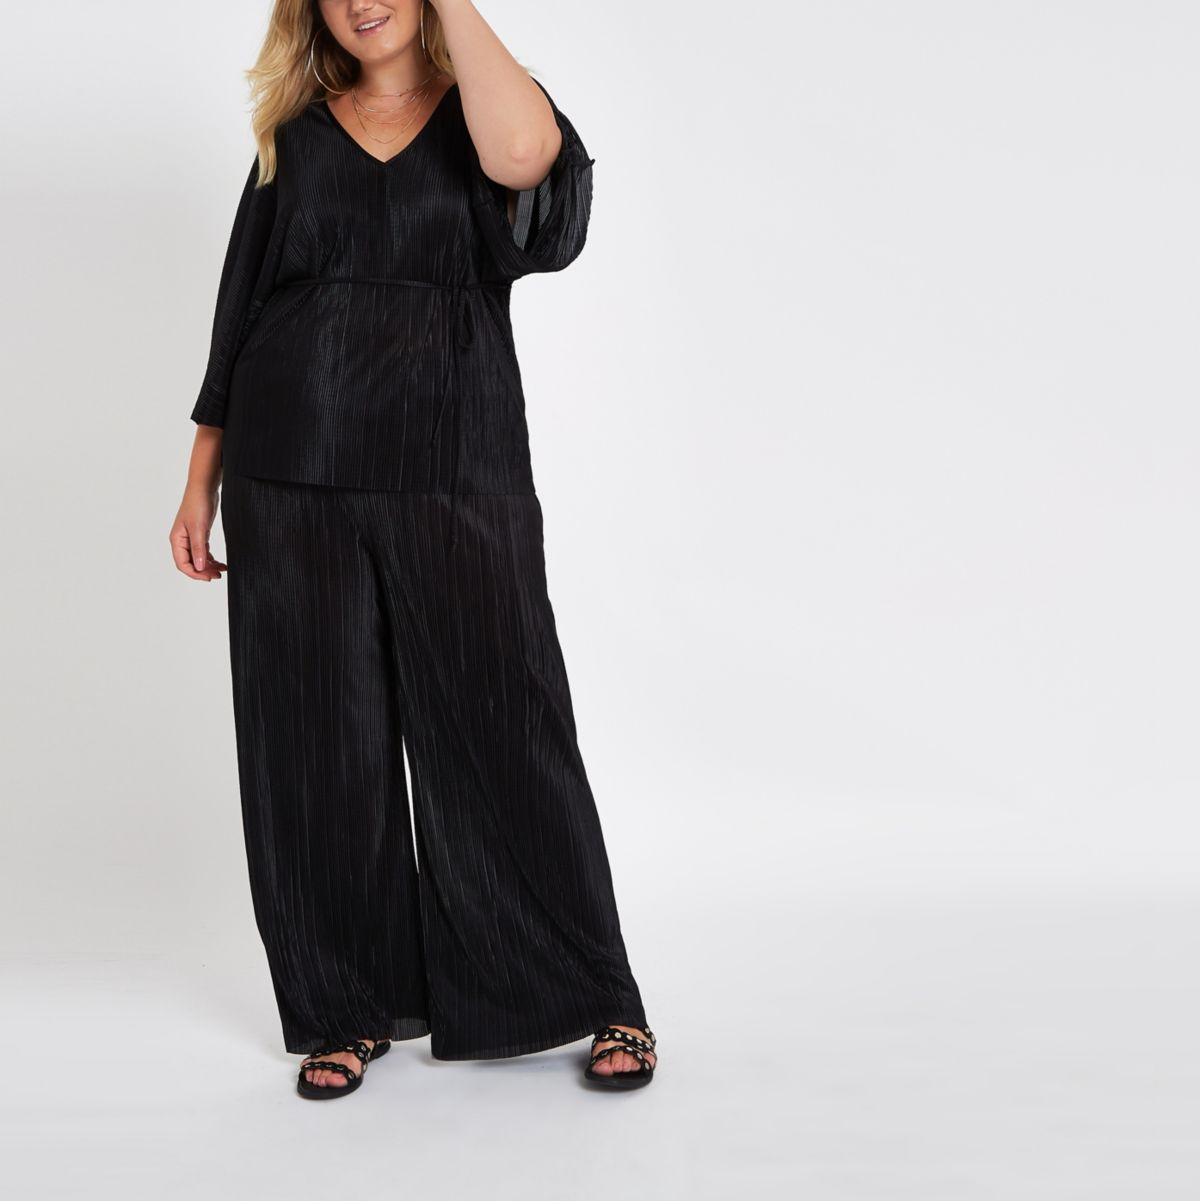 Plus black plisse trousers